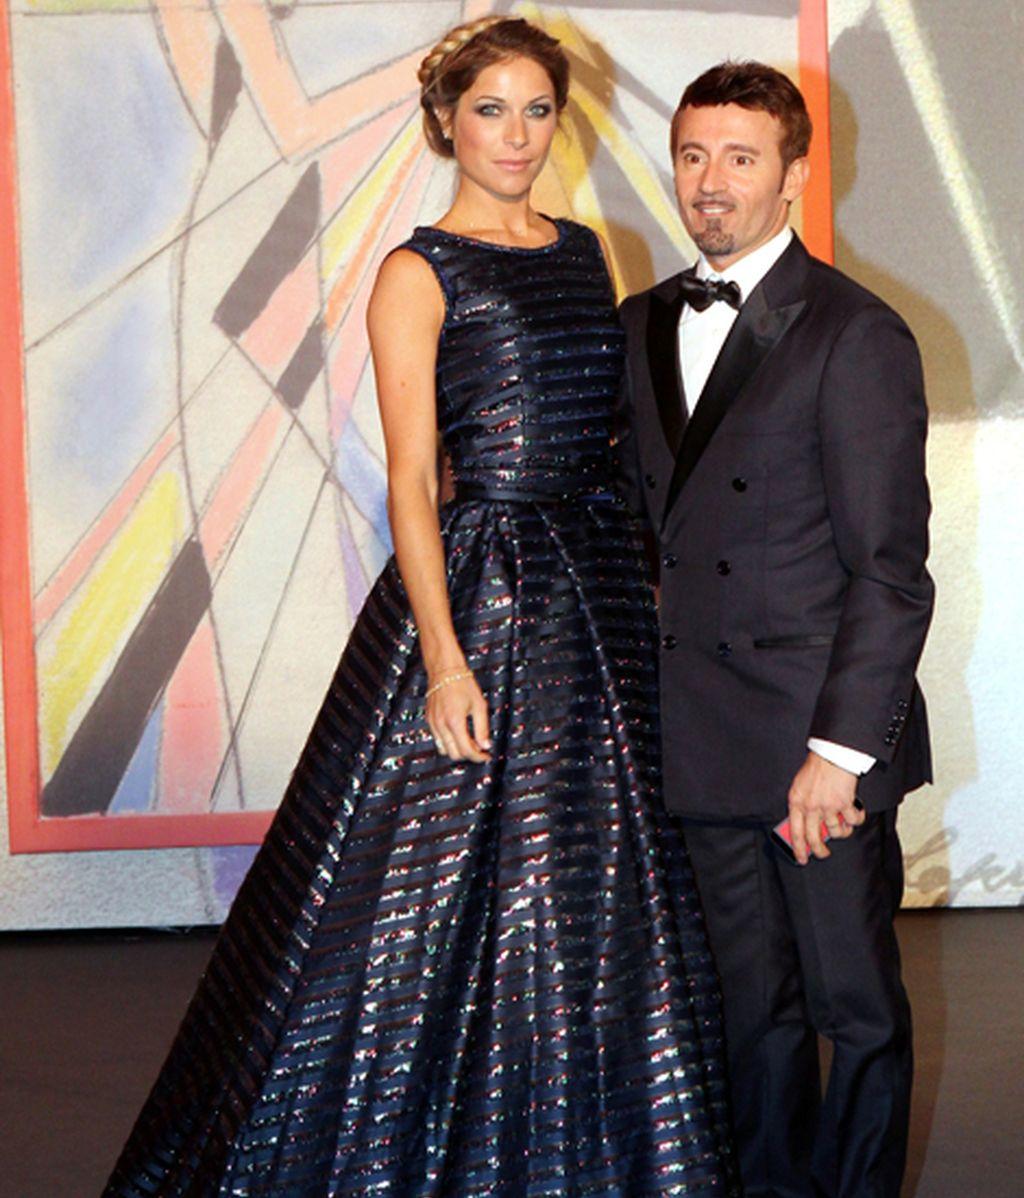 Max Biaggi junto a su prometida, Eleonora